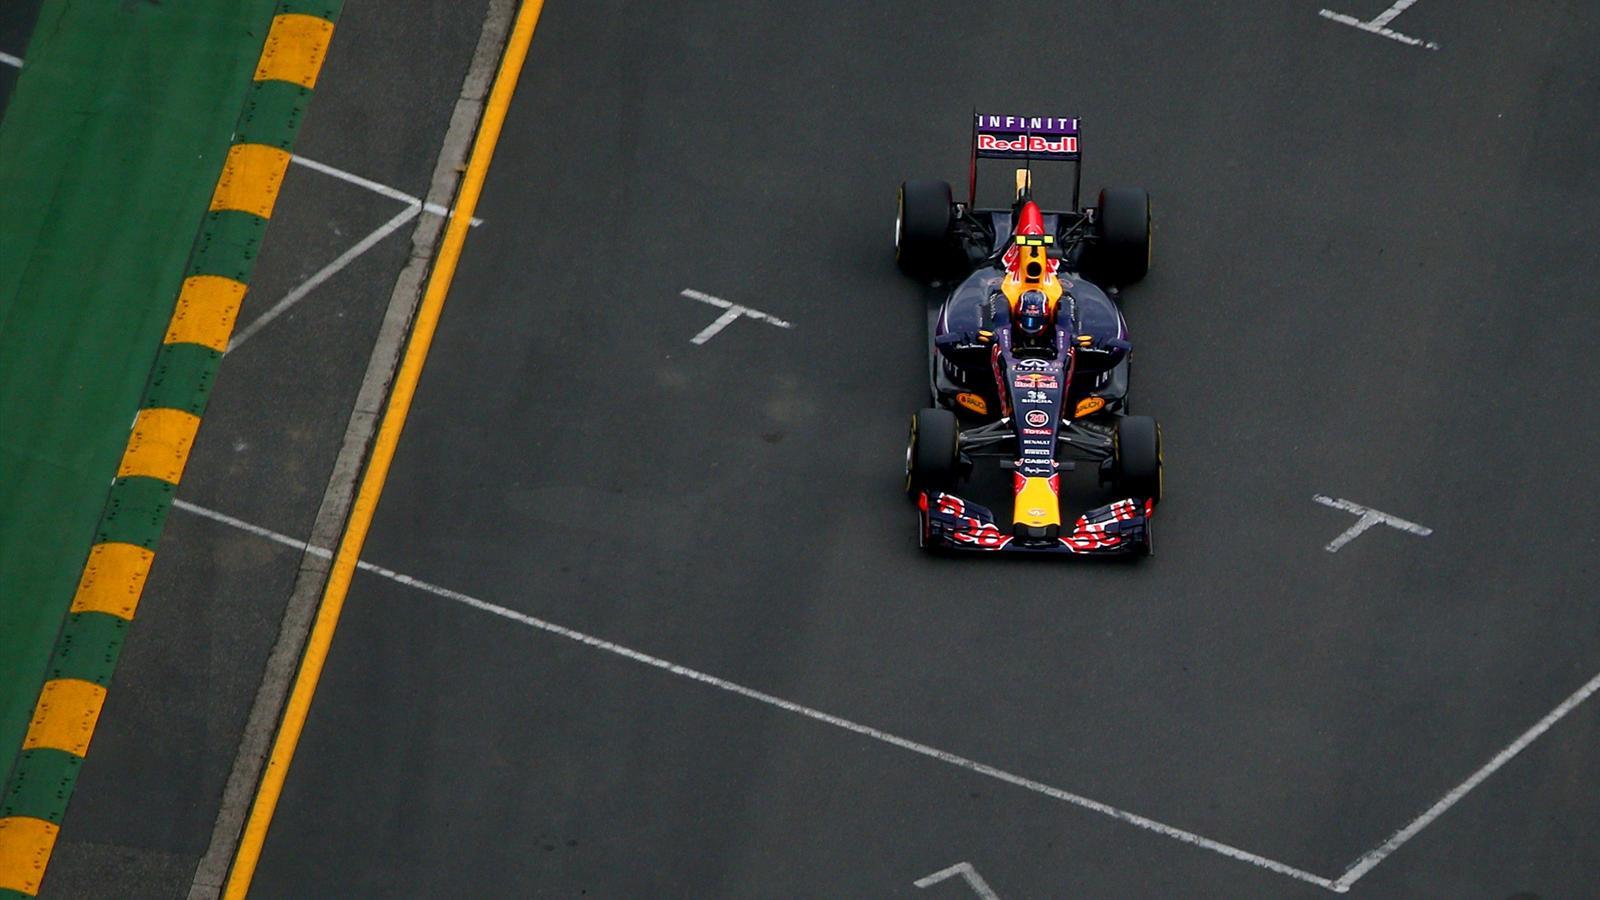 Spécial Sebastian Vettel (Formule un) - Page 12 1436156-30720014-1600-900